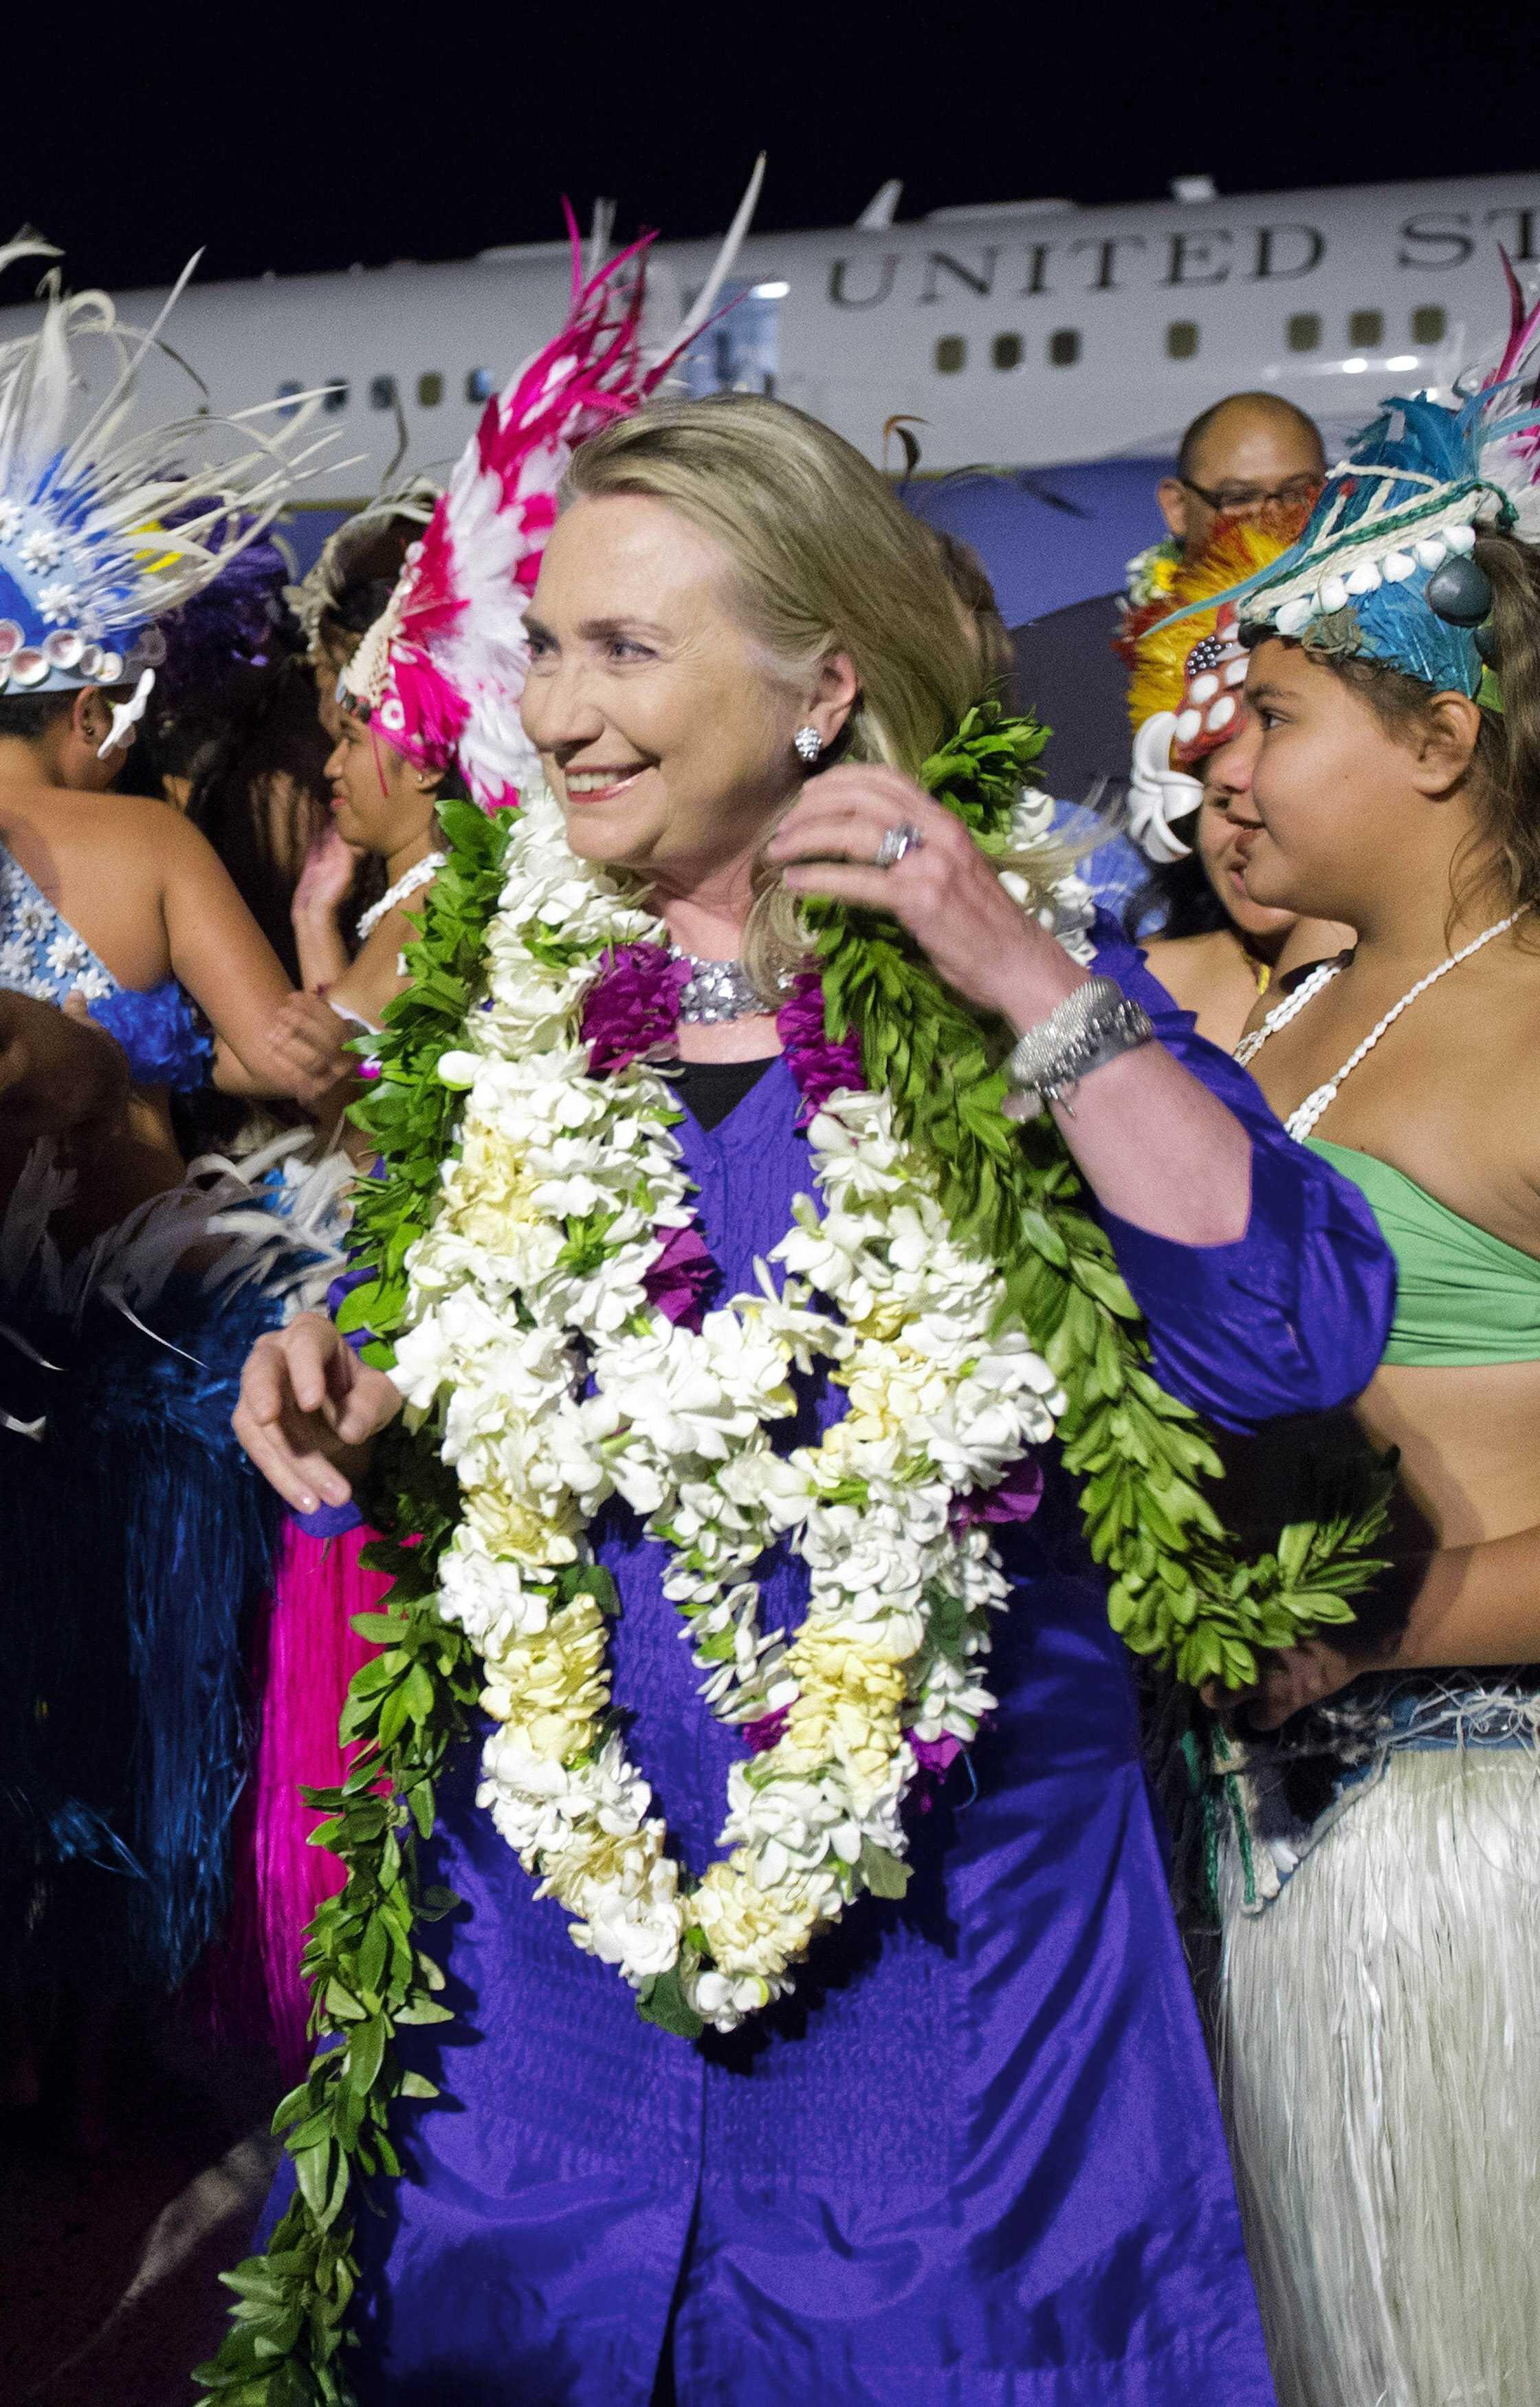 Đón tiếp Ngoại trưởng Mỹ H.Clinton tại sân bay quốc tế Rarotonga - đảo Cook, nam Thái Bình Dương, 30/08/2012